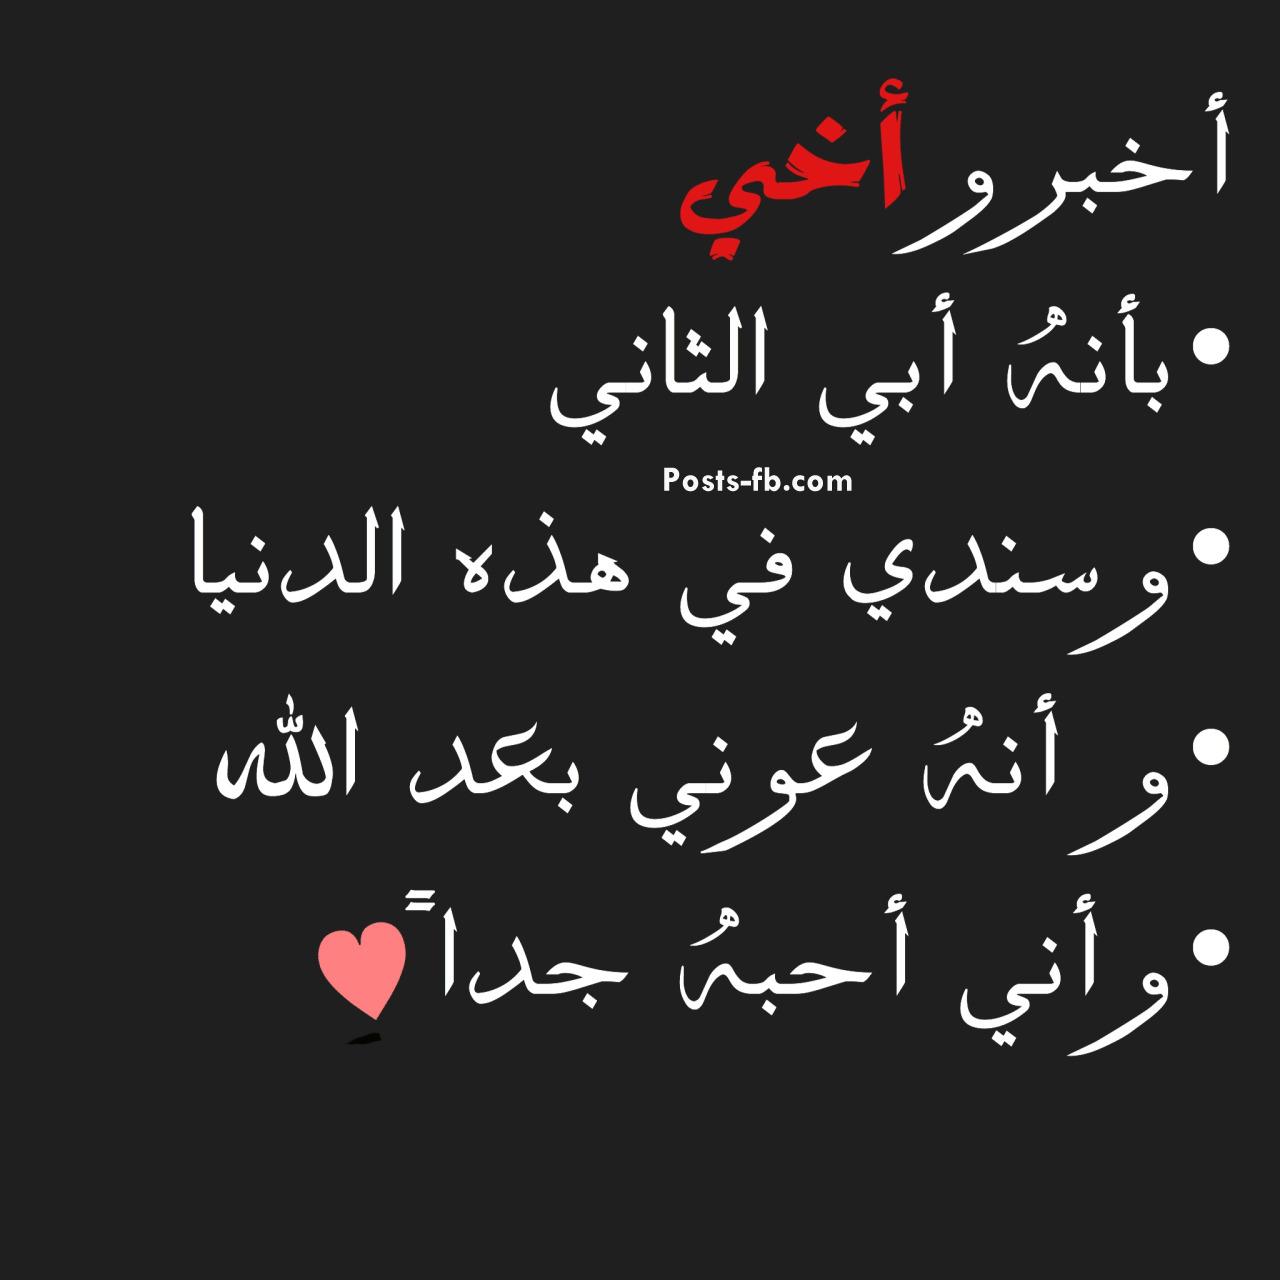 بالصور حاله للواتس عن الاب , كلام في حب الاب 11664 1